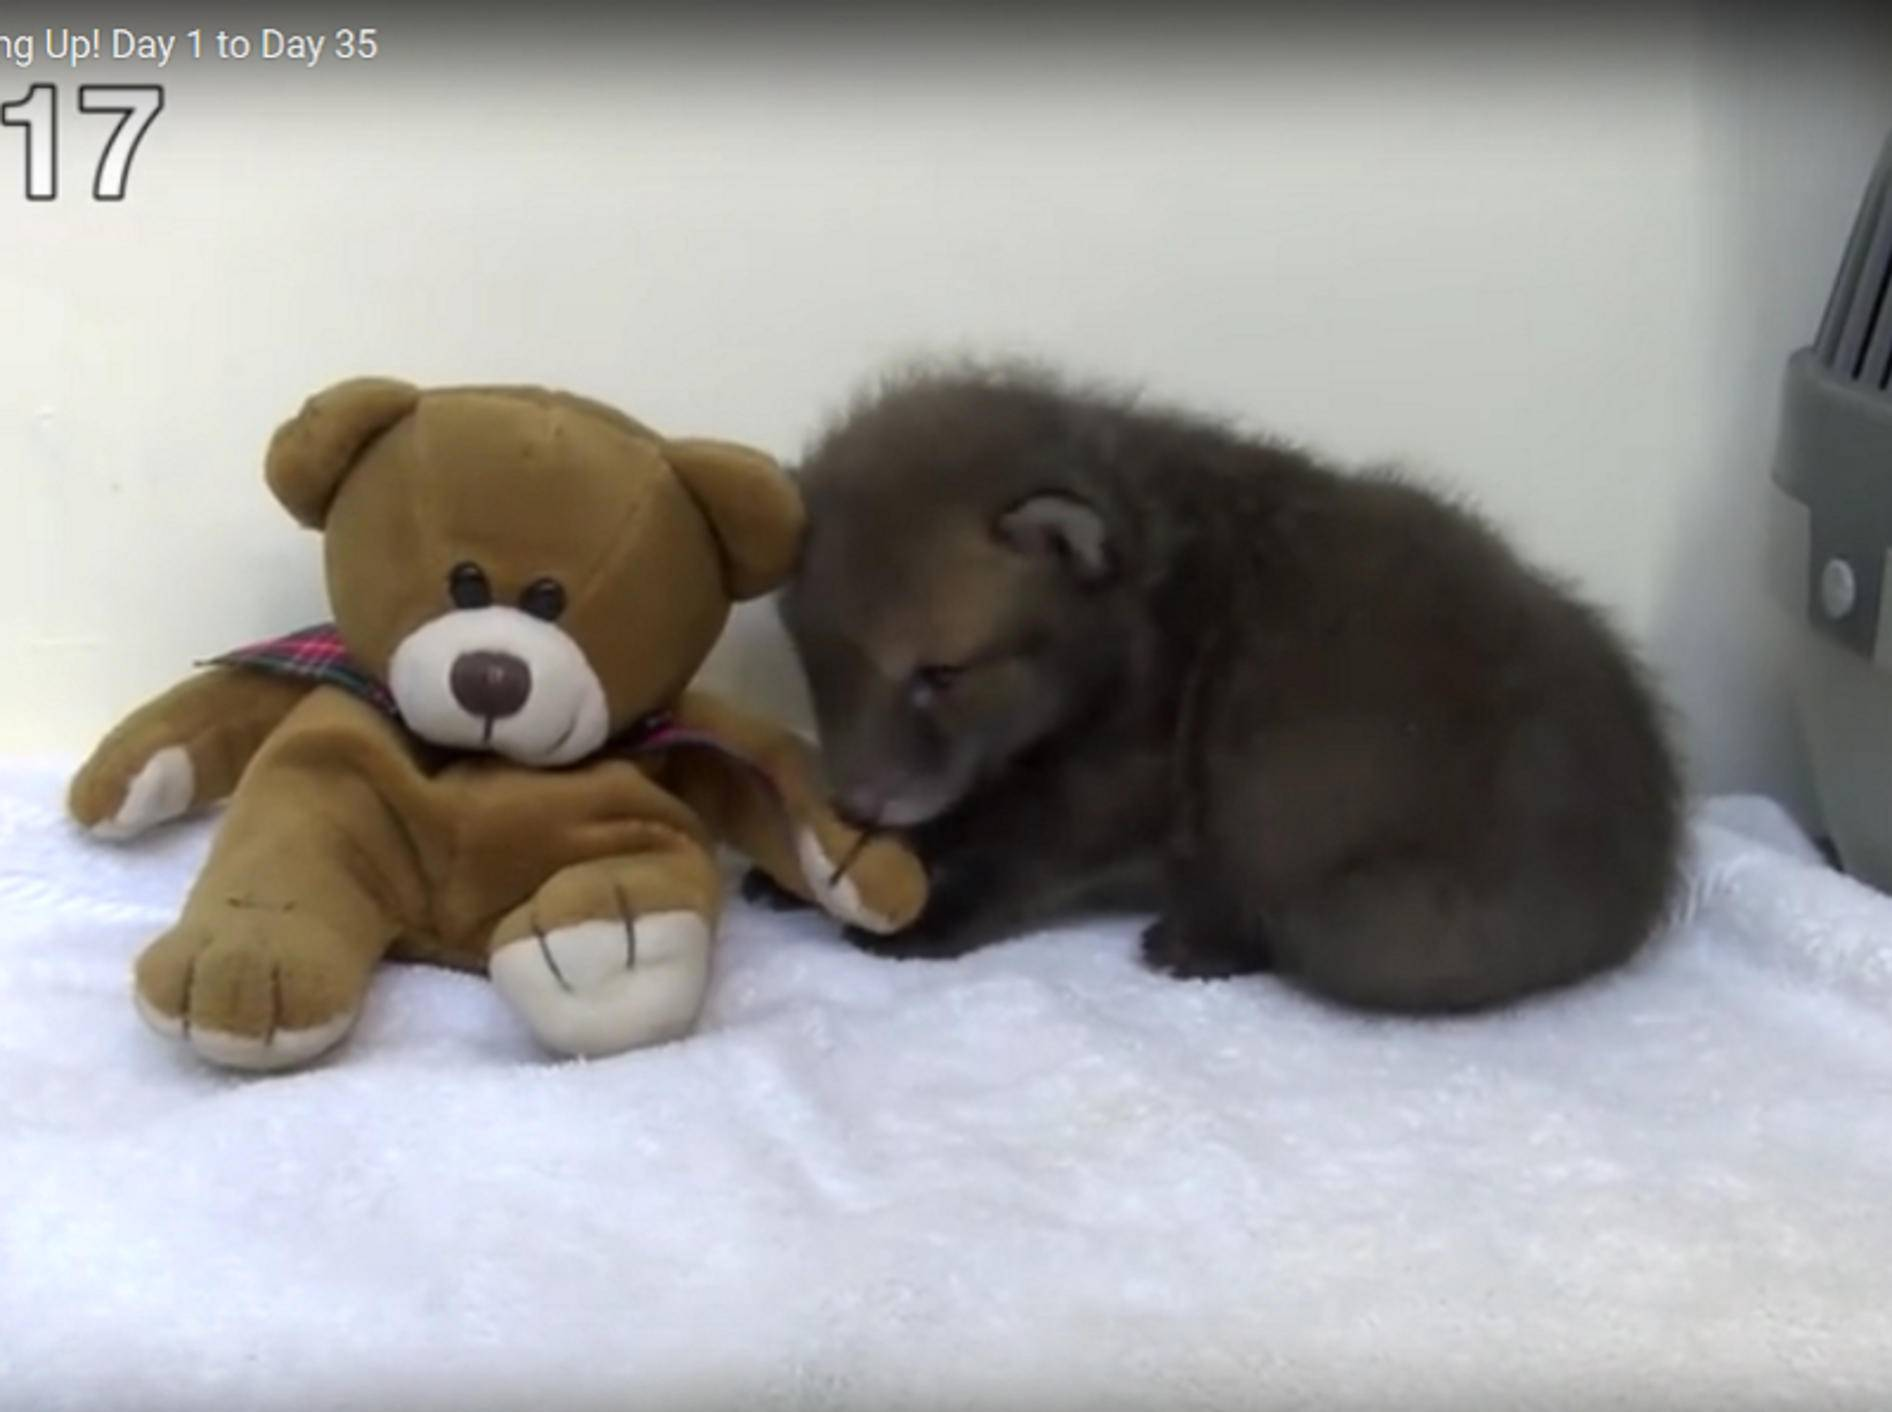 Fünf Wochen lang filmten die Tierretter den kleinen Findelfuchs und zeigen so, wie schnell er wächst – YouTube / Wildlife Aid